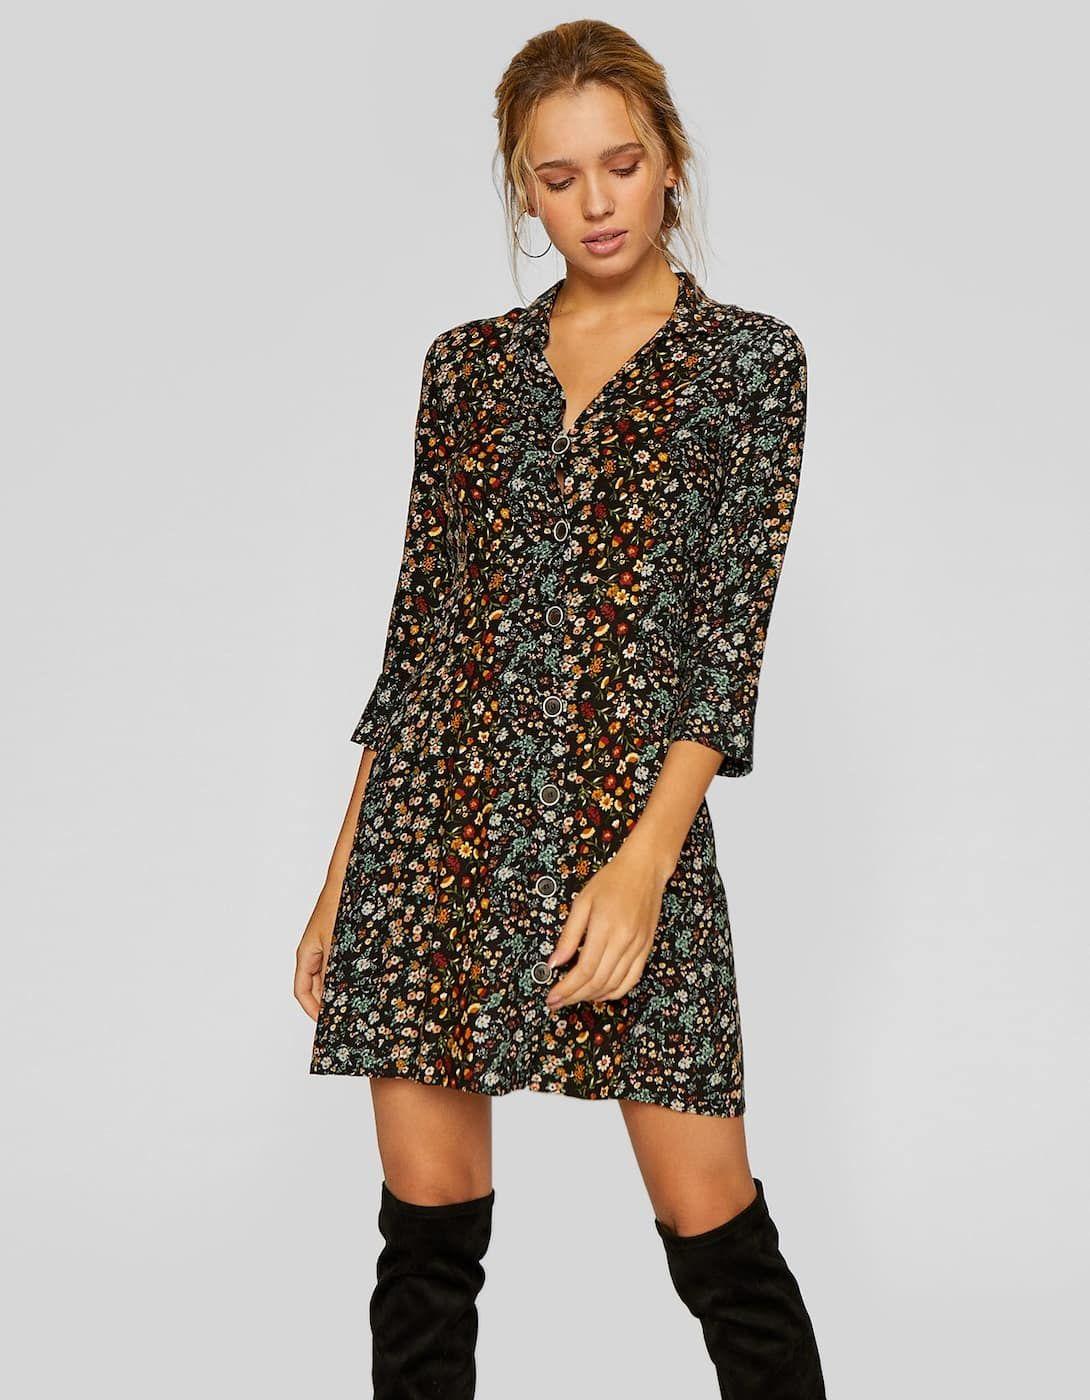 2e5d83384f96 Vestido corto estampado - Vestidos de mujer